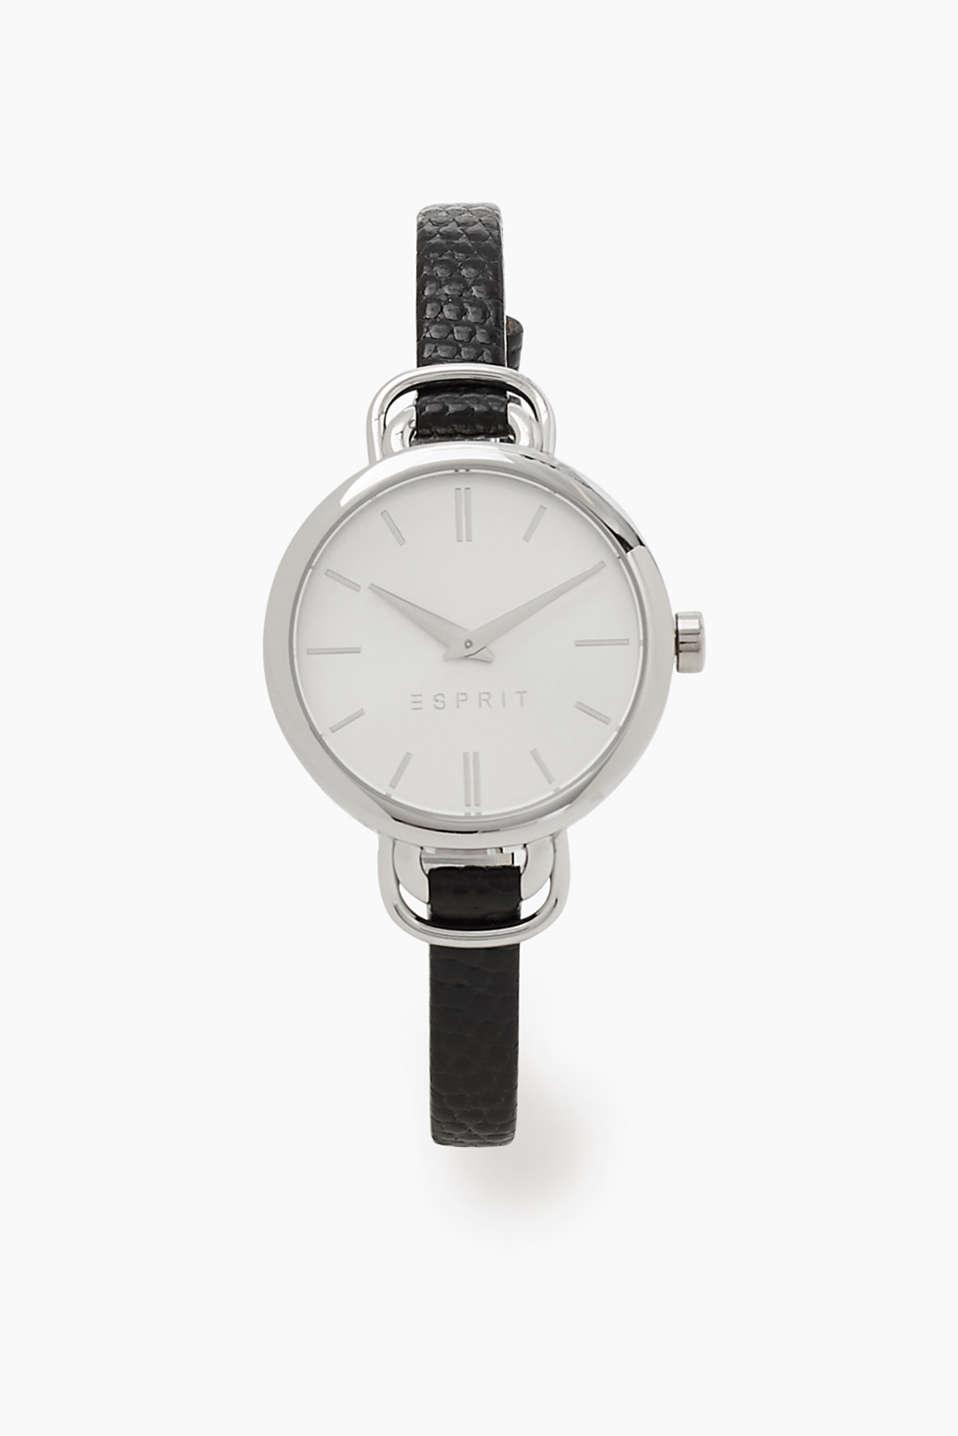 esprit uhr mit schmalem leder armband im online shop kaufen. Black Bedroom Furniture Sets. Home Design Ideas